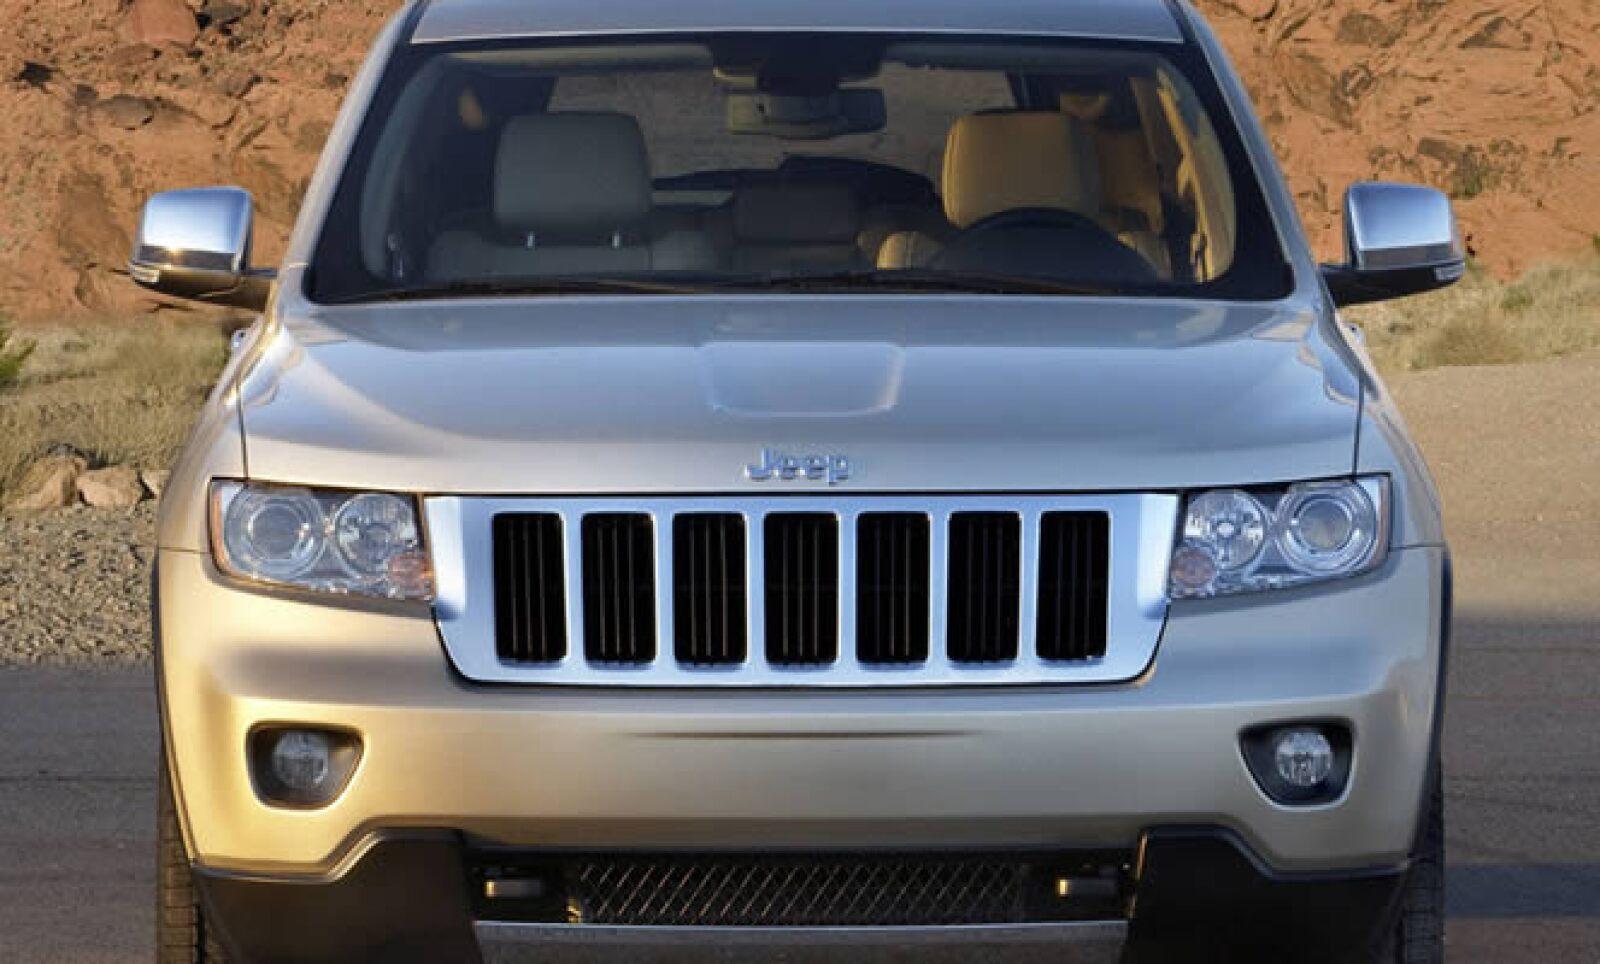 La transmisión es automática de cinco relaciones con modo manual y, en el caso de las variantes V8 más equipadas, la tracción es 4x4.